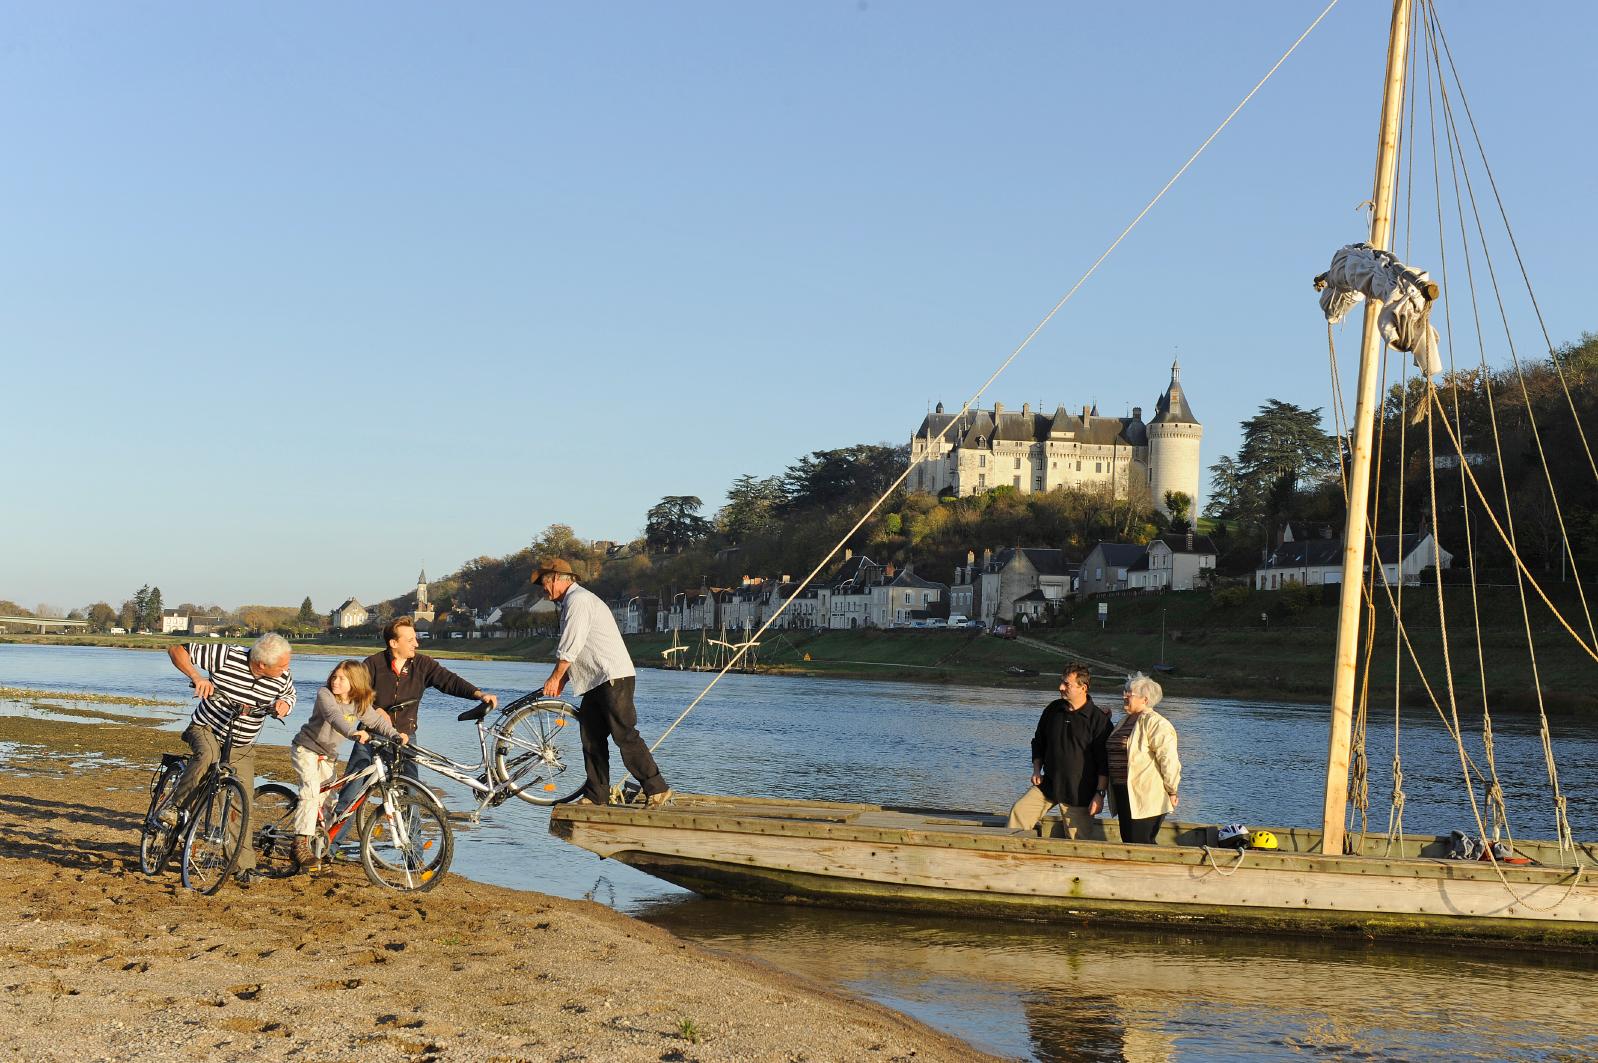 Loire à vélo-Chaumont sur Loire (photo: Damase)